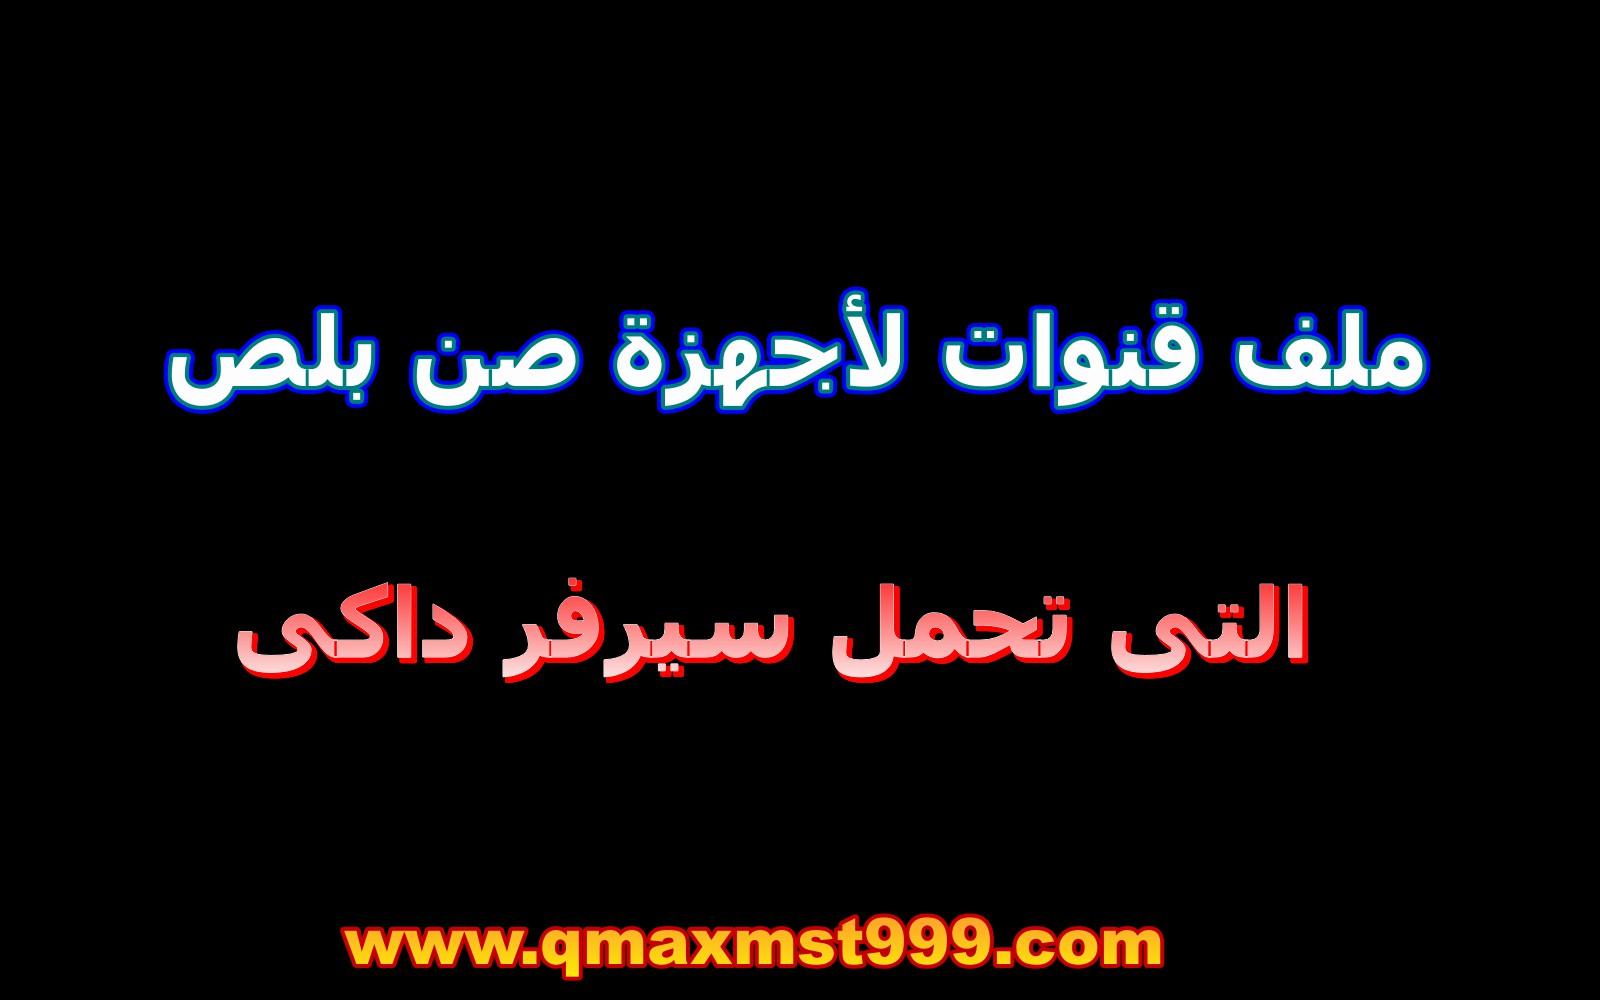 Qmax MST 999 HD